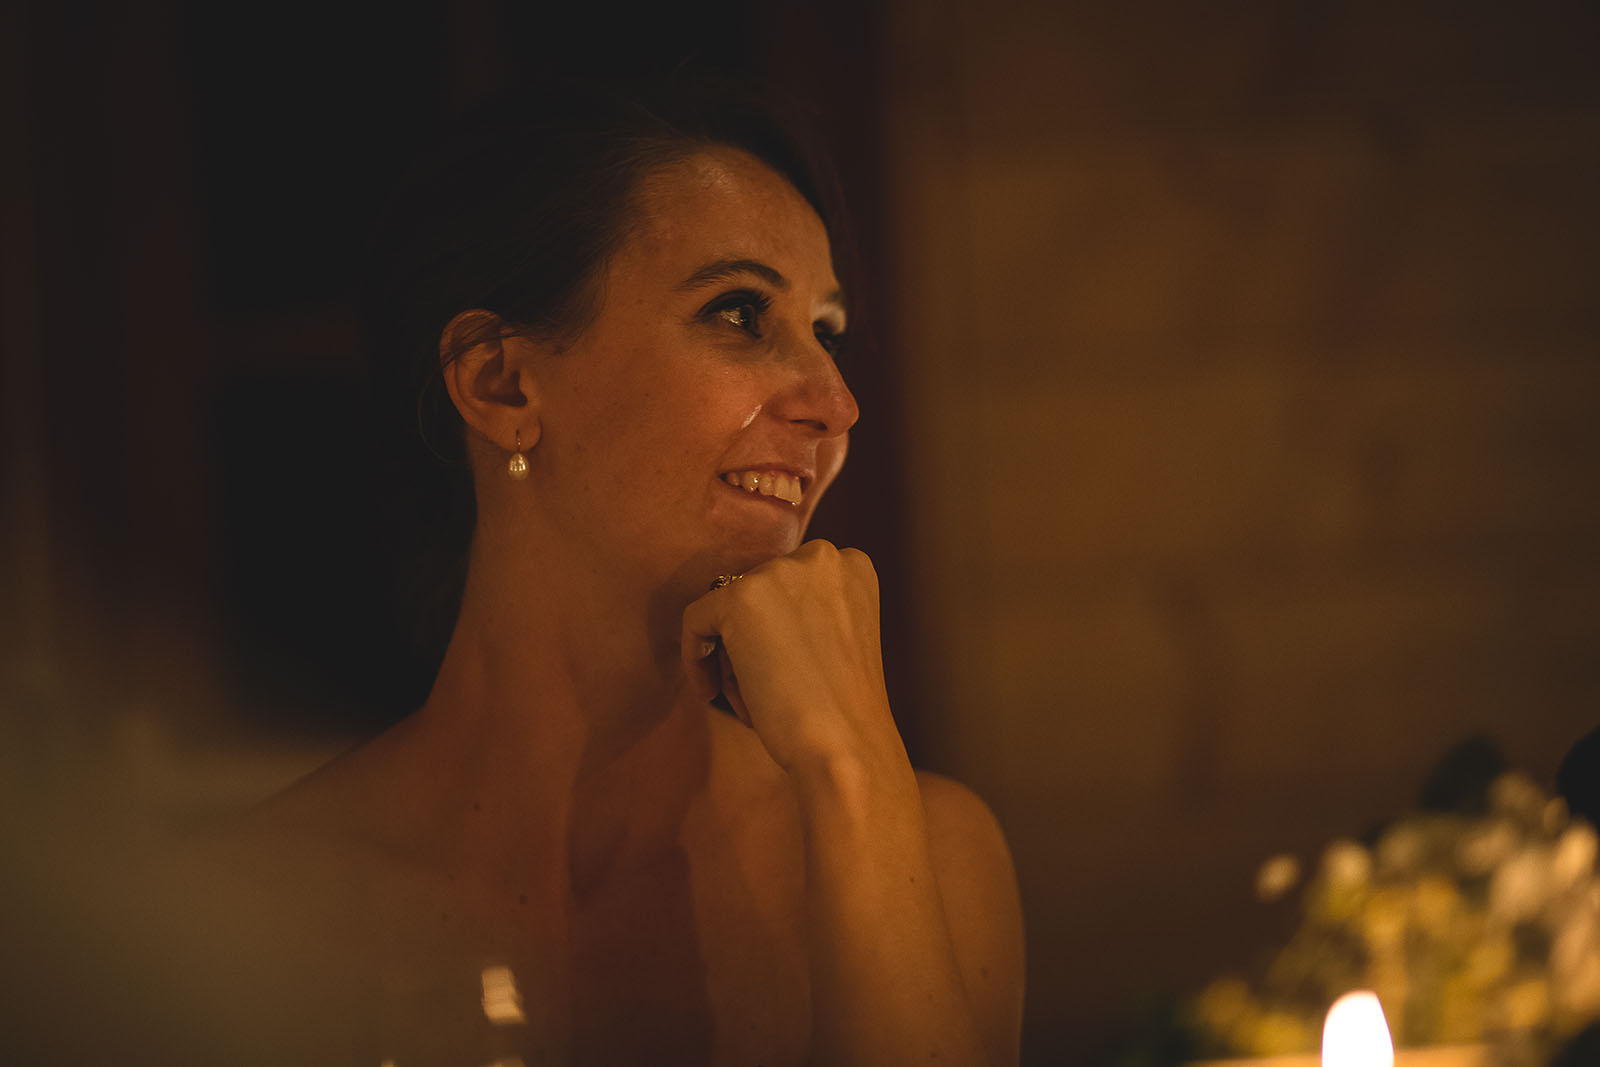 Mariage Manoir des Prévanches. David Pommier photographe de mariage. La mariée émue